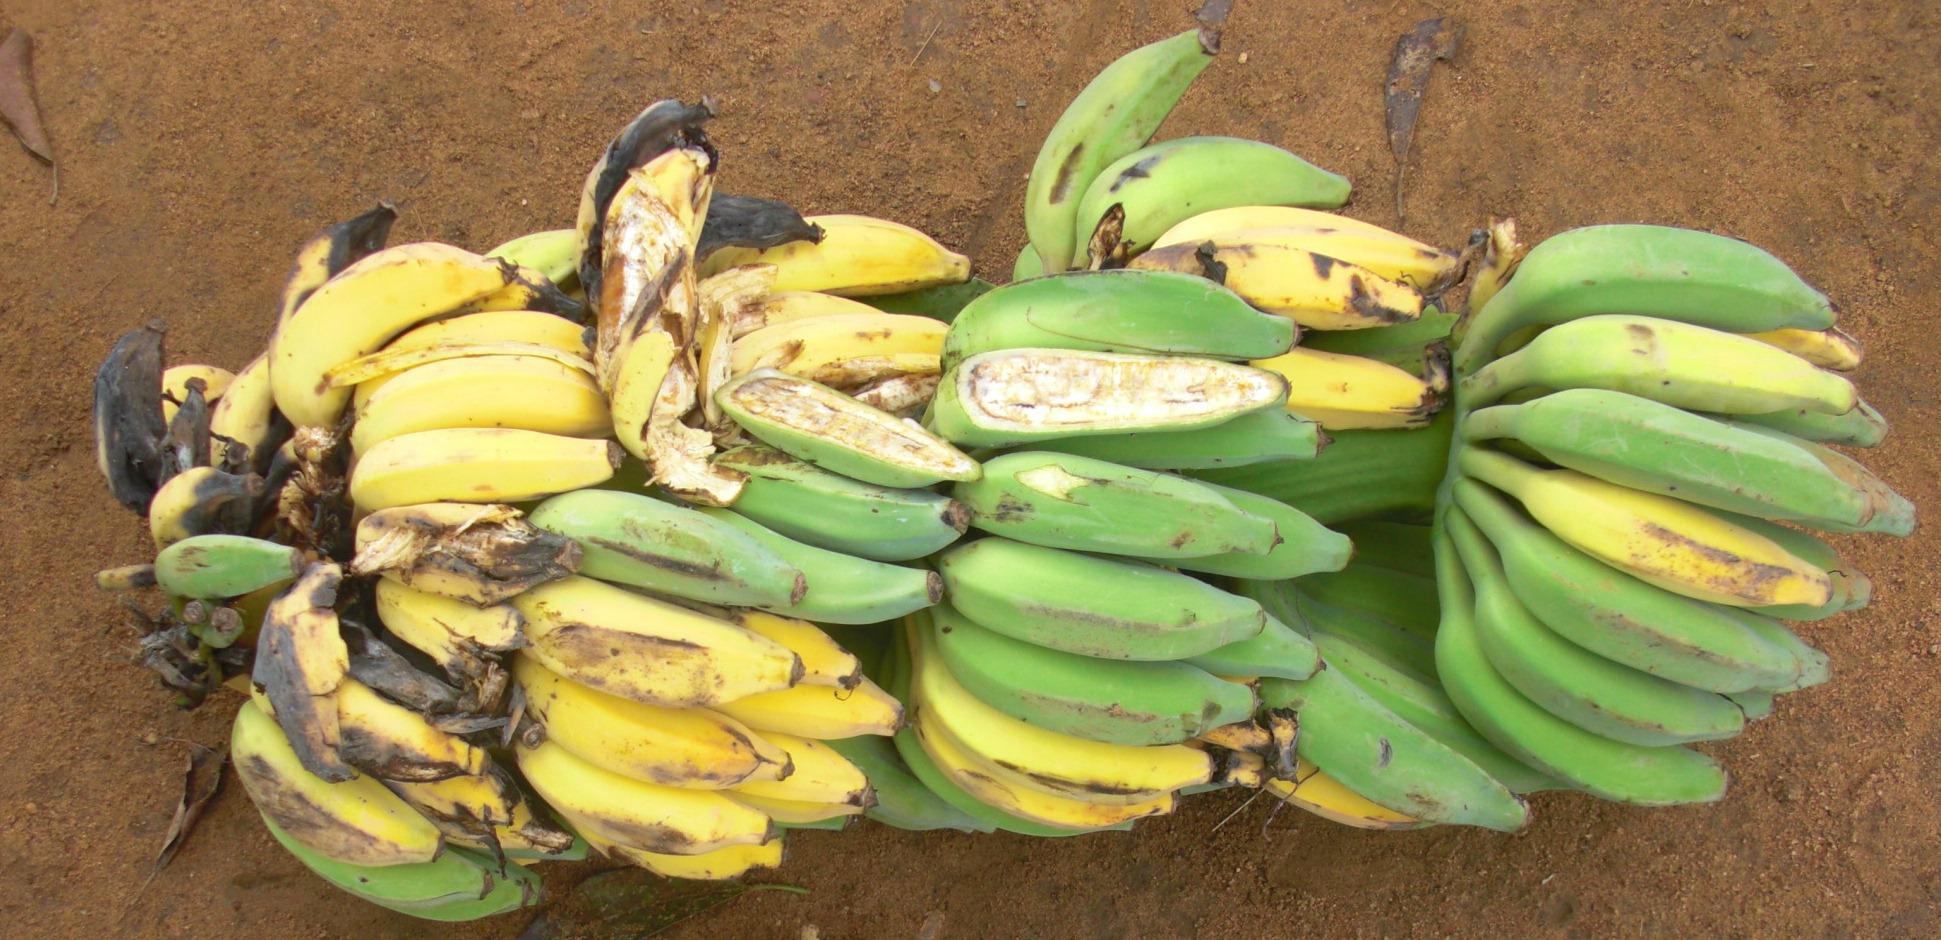 Von Xanthomonas Bakterien befallene Bananenbäume müssen umgetan werden